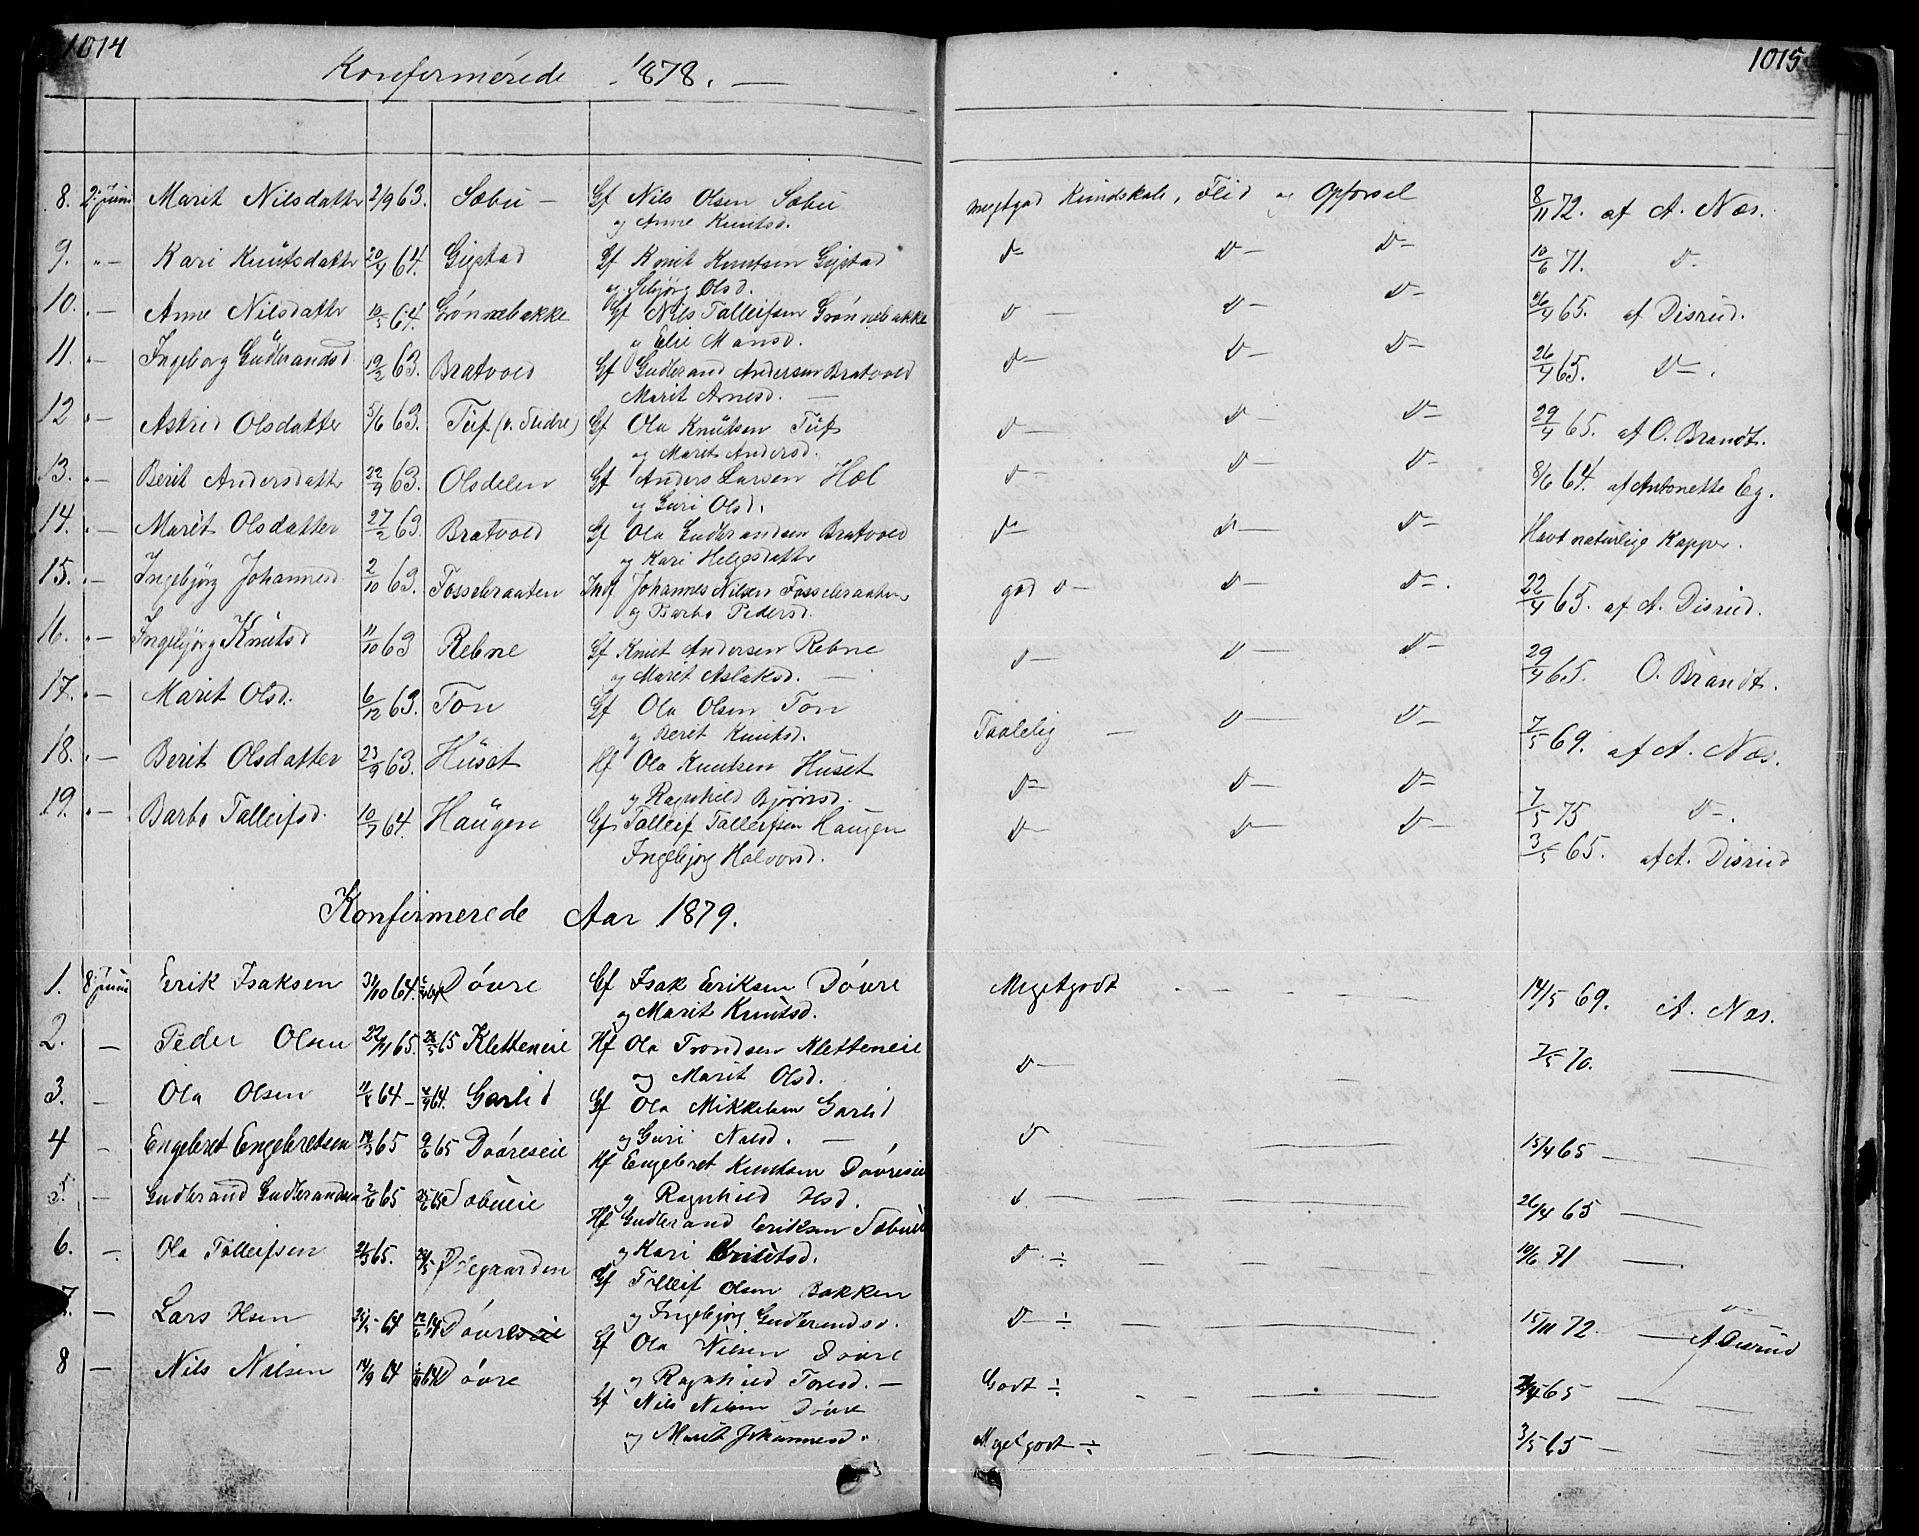 SAH, Nord-Aurdal prestekontor, Klokkerbok nr. 1, 1834-1887, s. 1014-1015